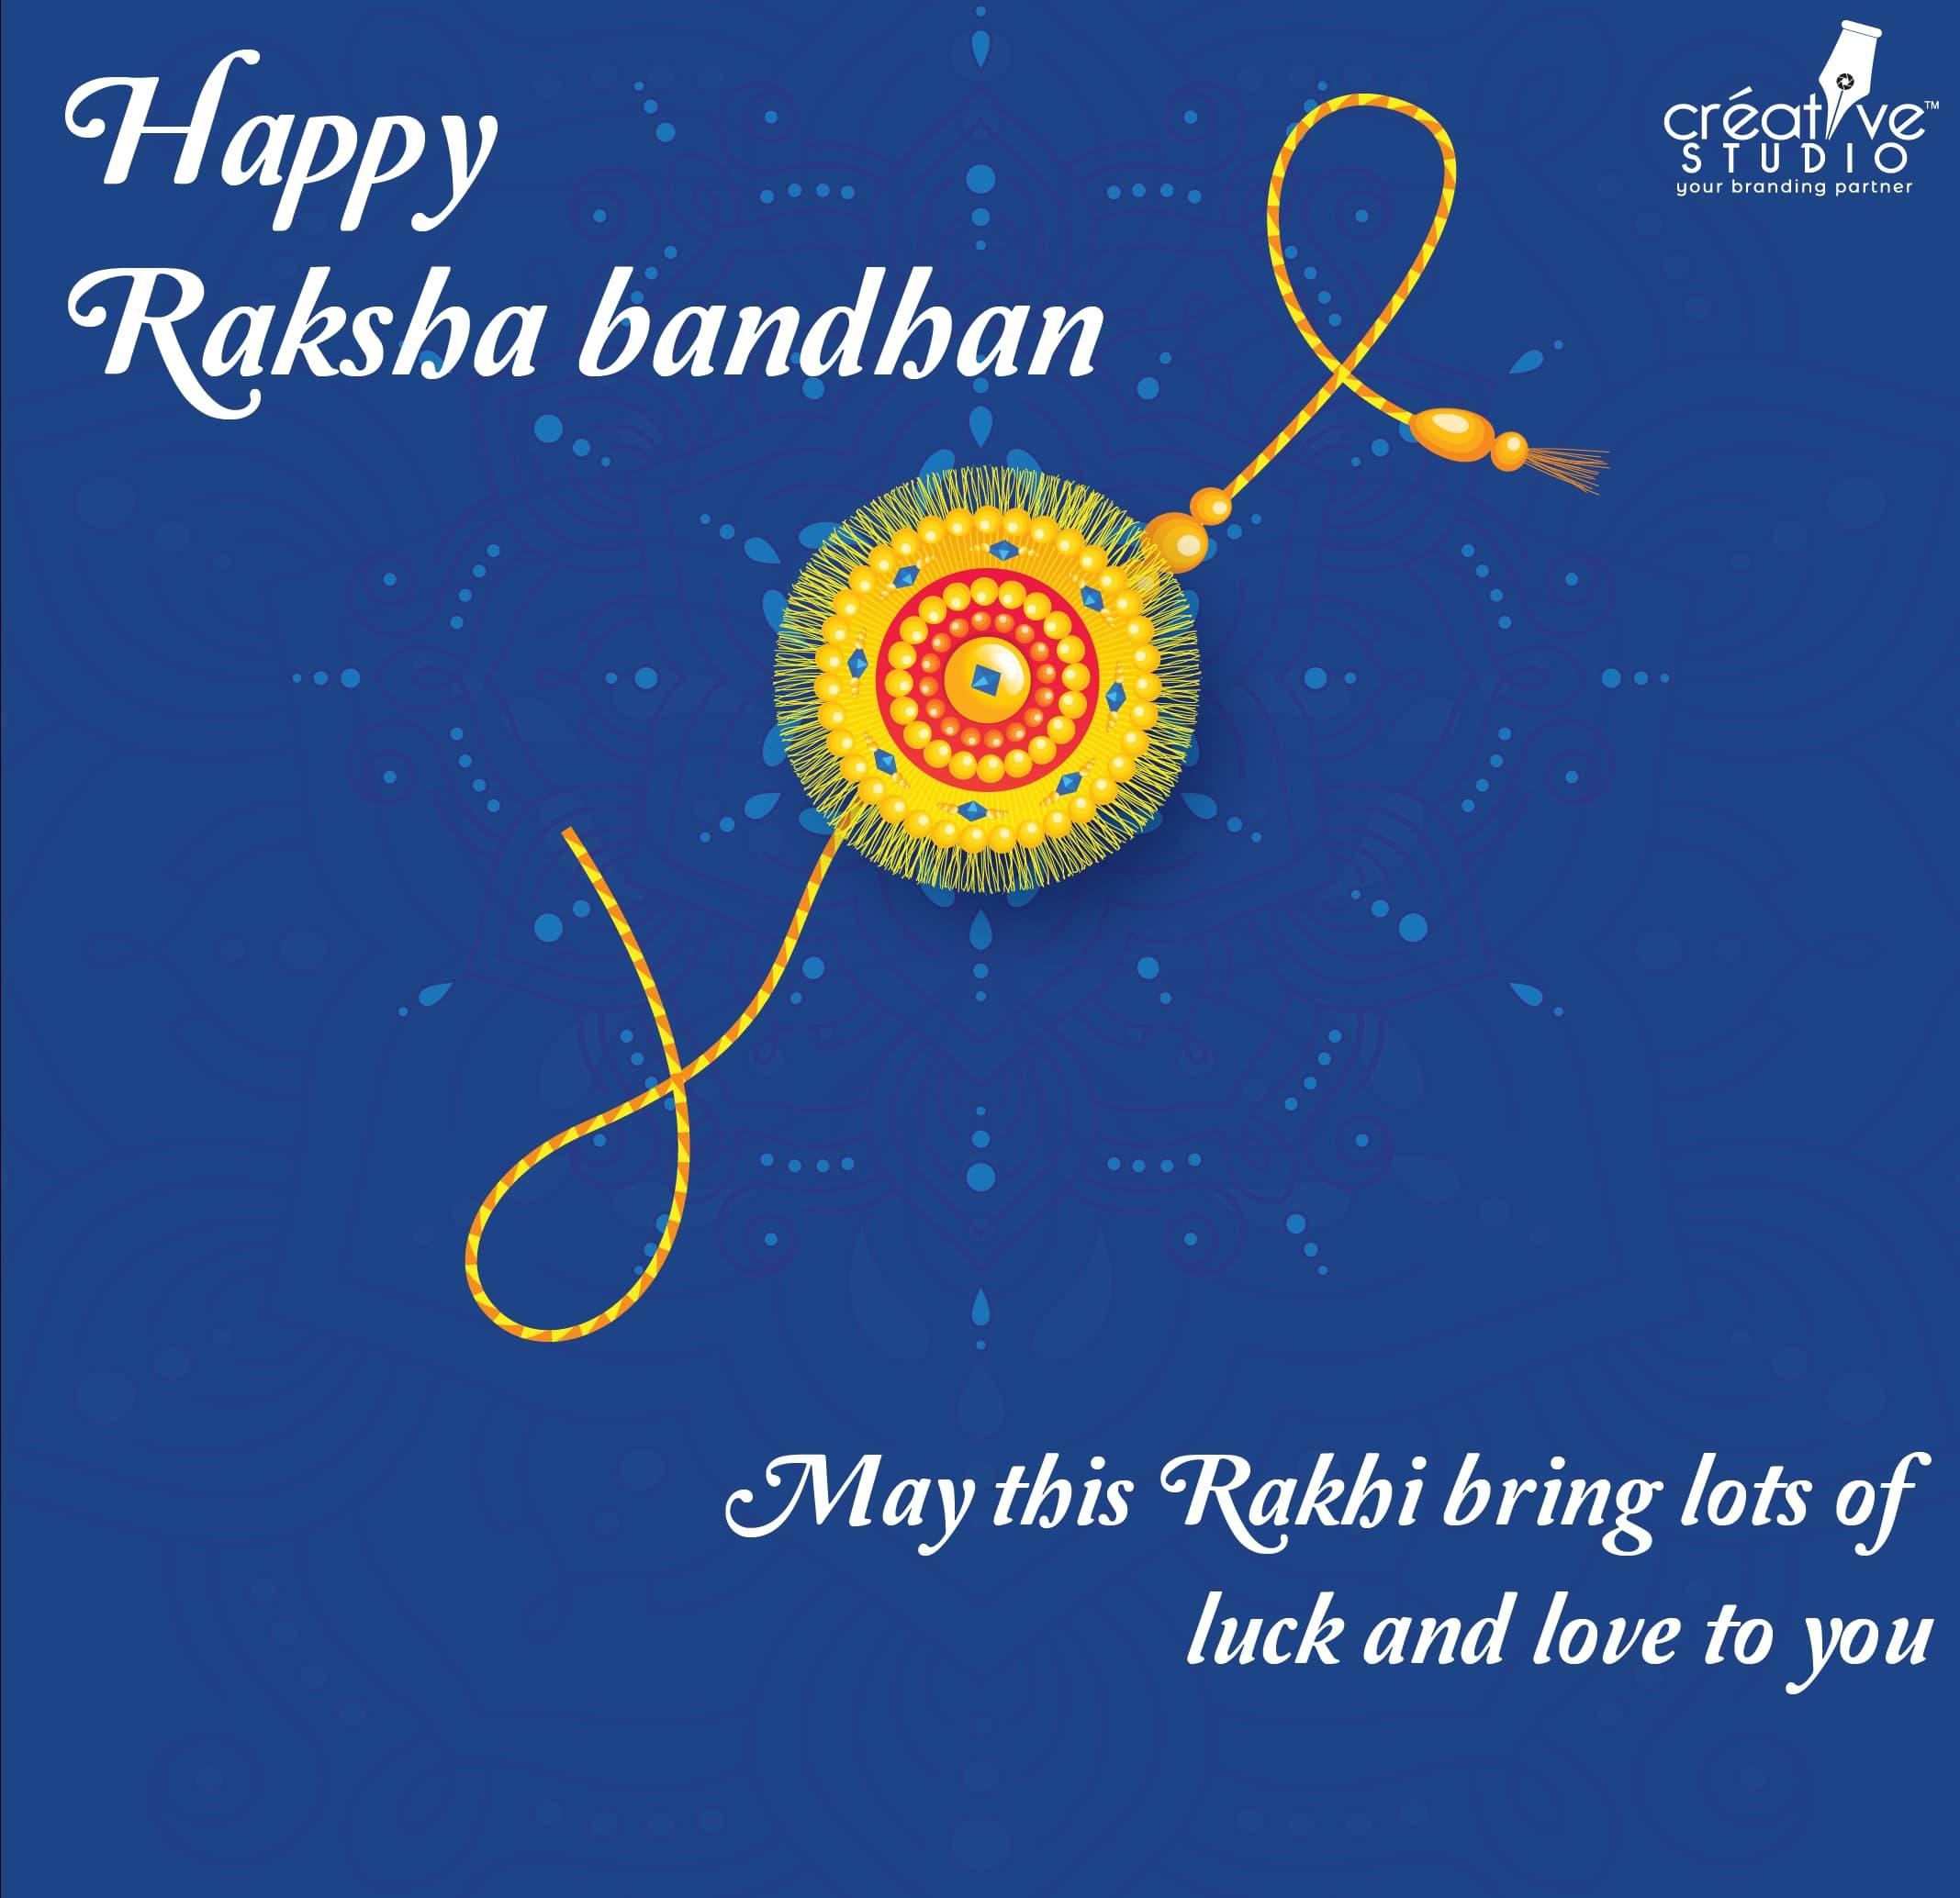 raksha bandhan 02 - Happy Raksha Bandhan